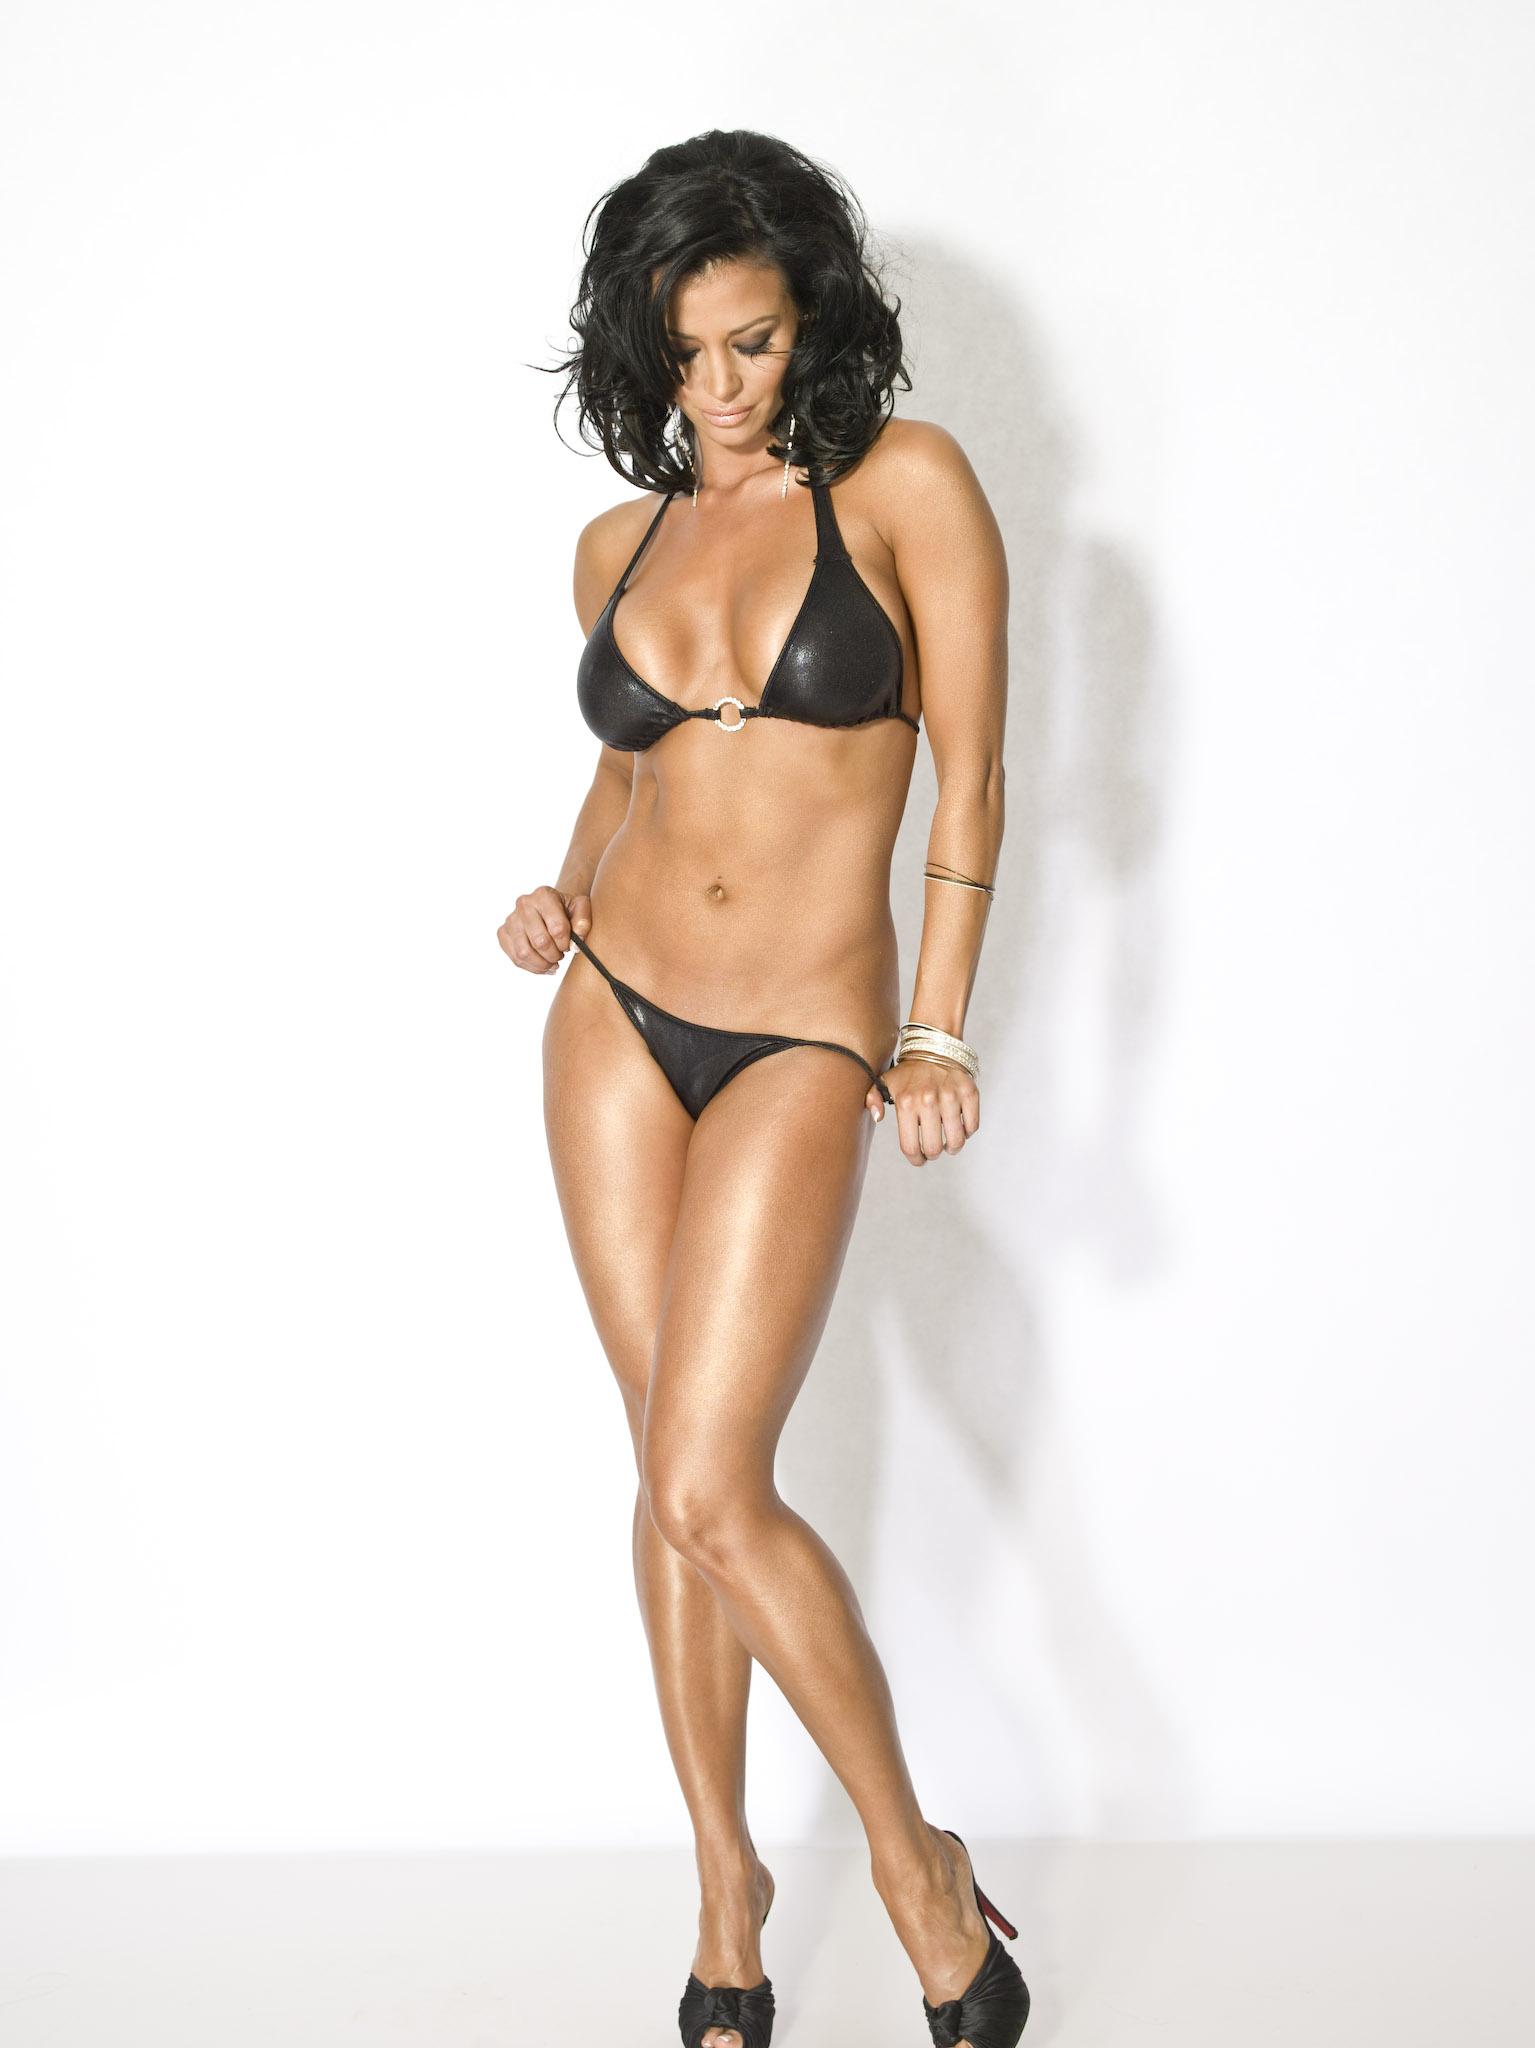 Candice michelle army bikini — pic 3